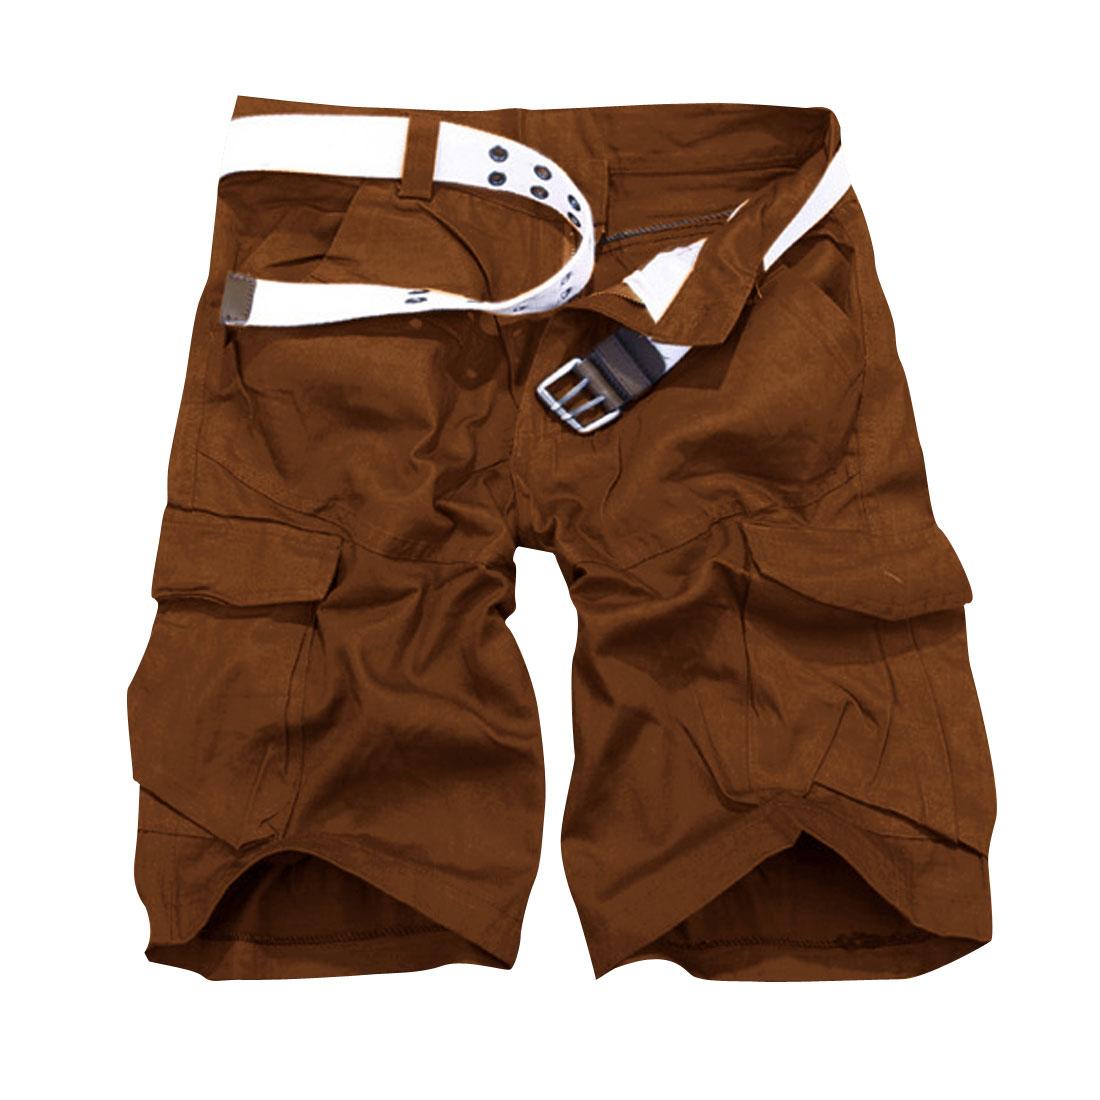 Man Big Flap Slant Pockets Casual Pure Color Shorts Camel W32